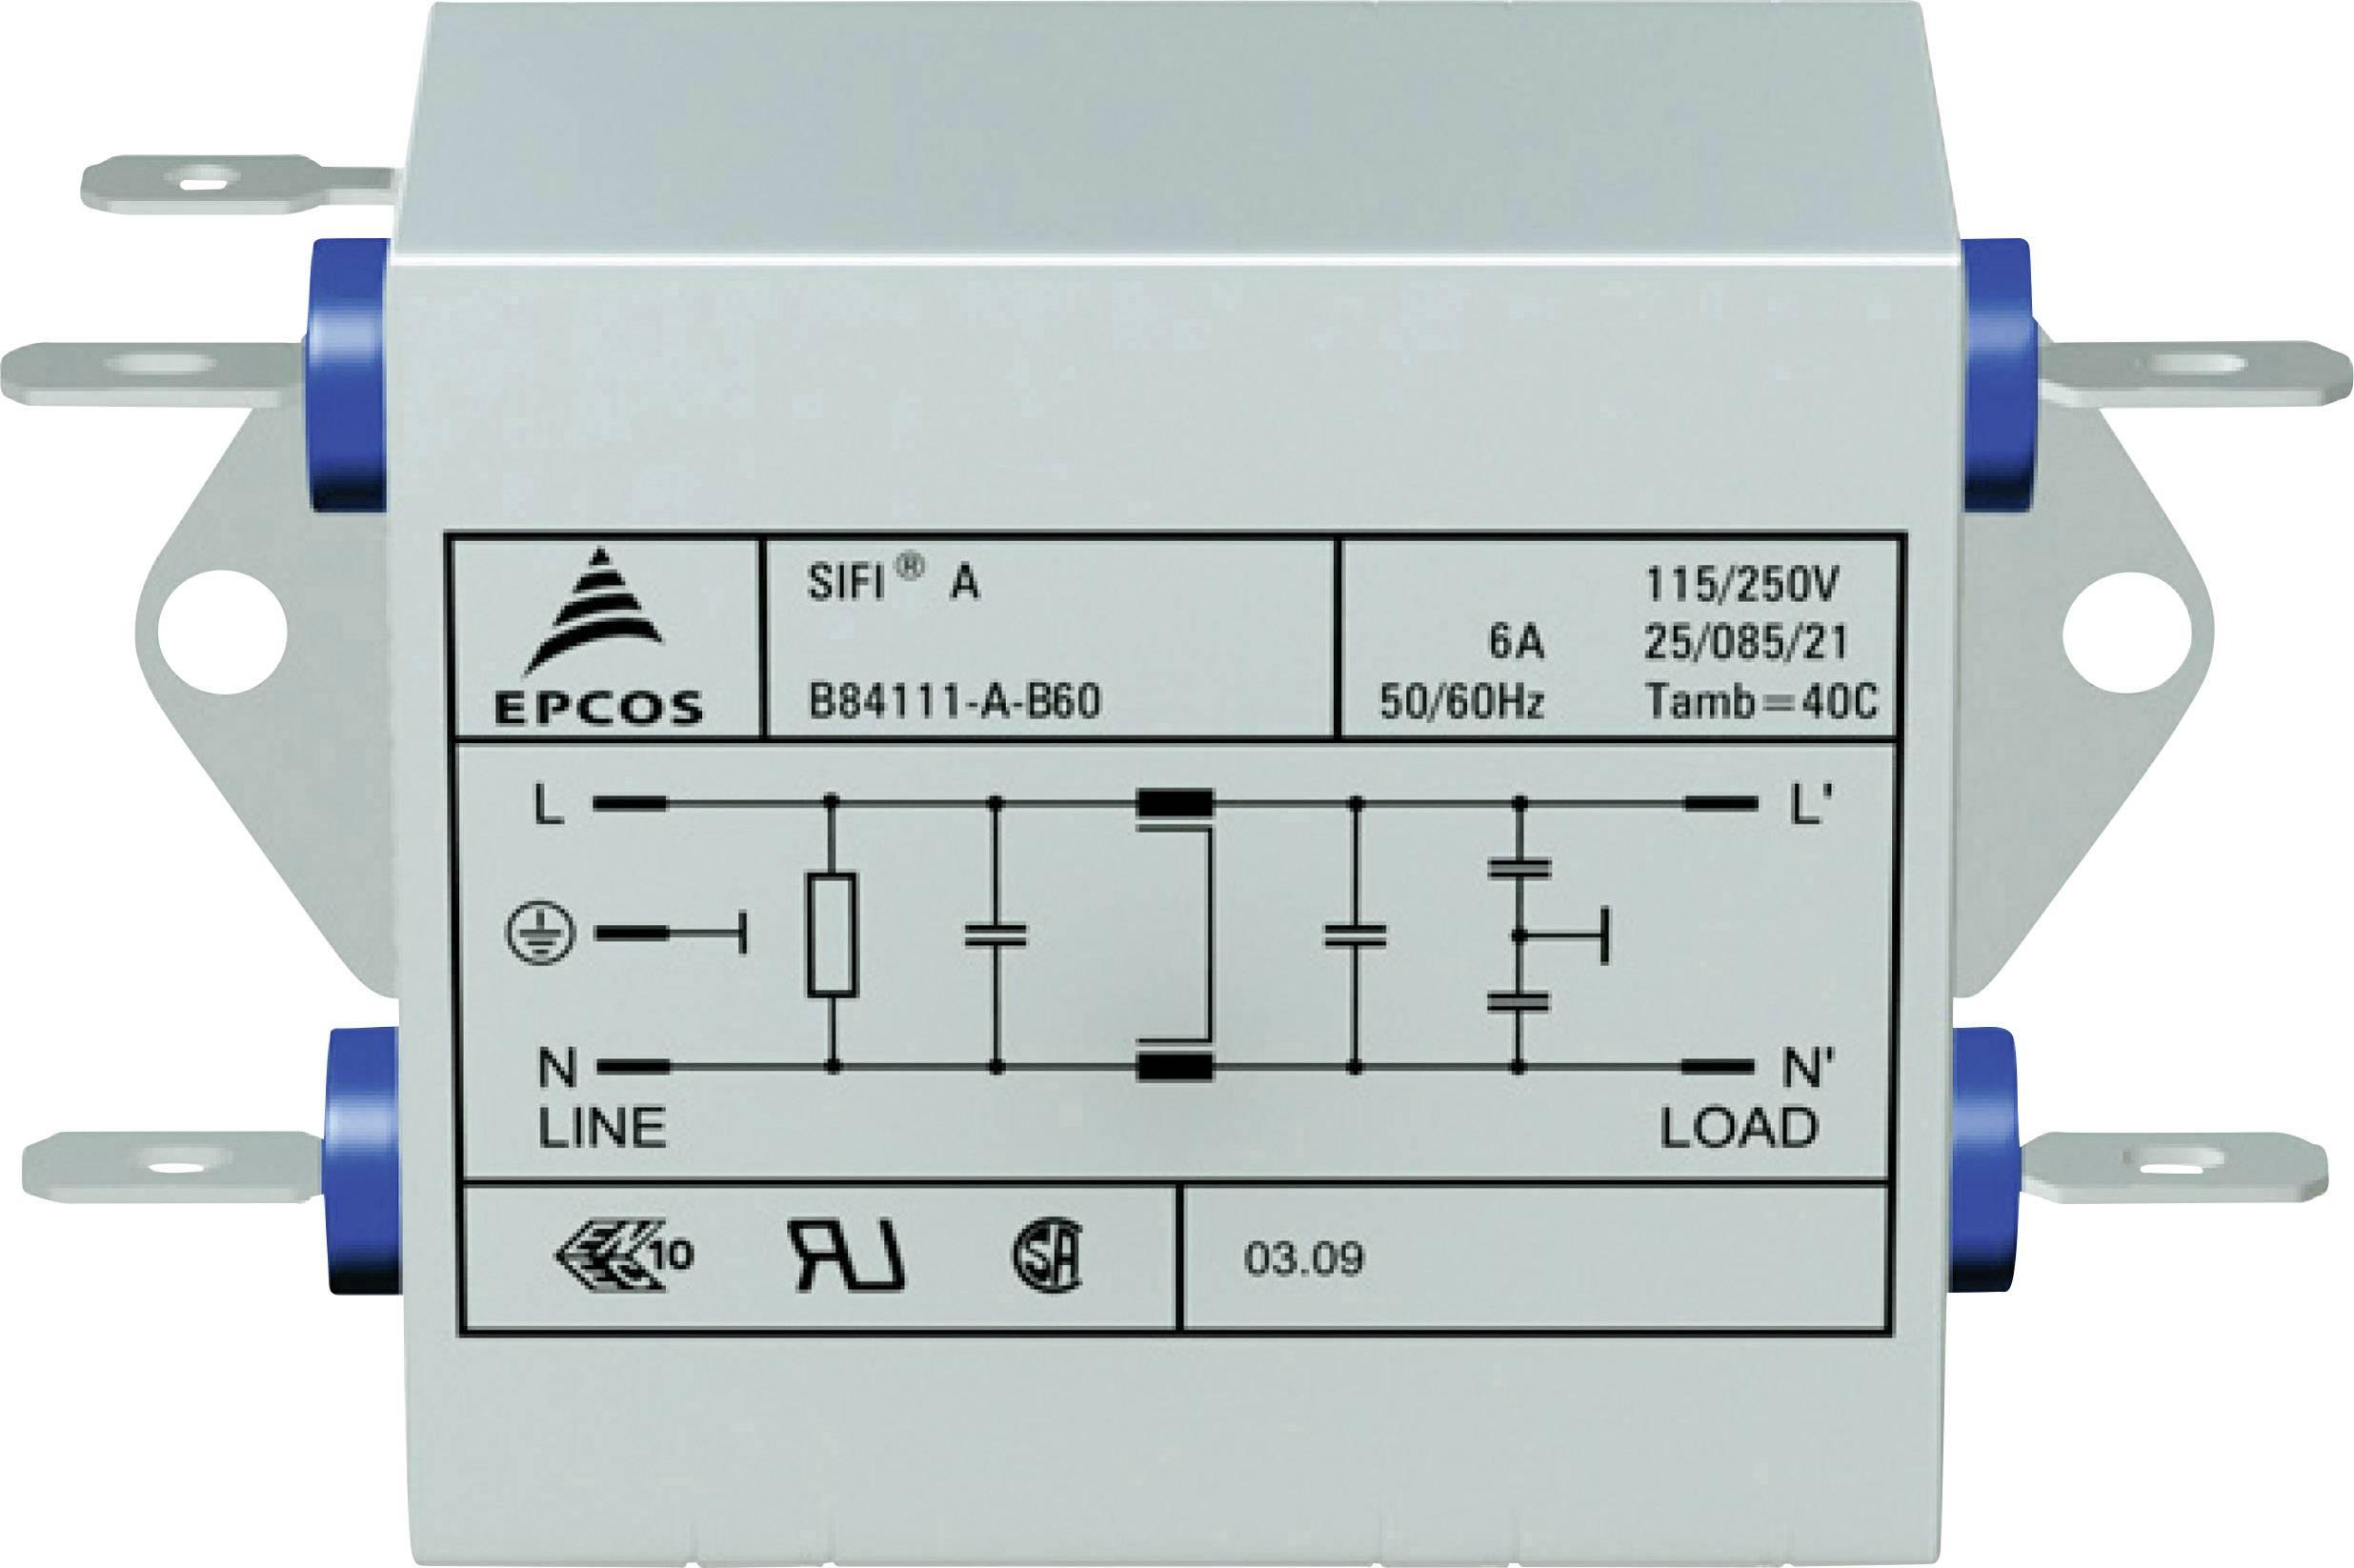 Odrušovací filter Epcos B84111AB120 B84111AB120, samohasiace, 250 V/AC, 20 A, 0.47 mH, (d x š x v) 63.5 x 77 x 38.1 mm, 1 ks